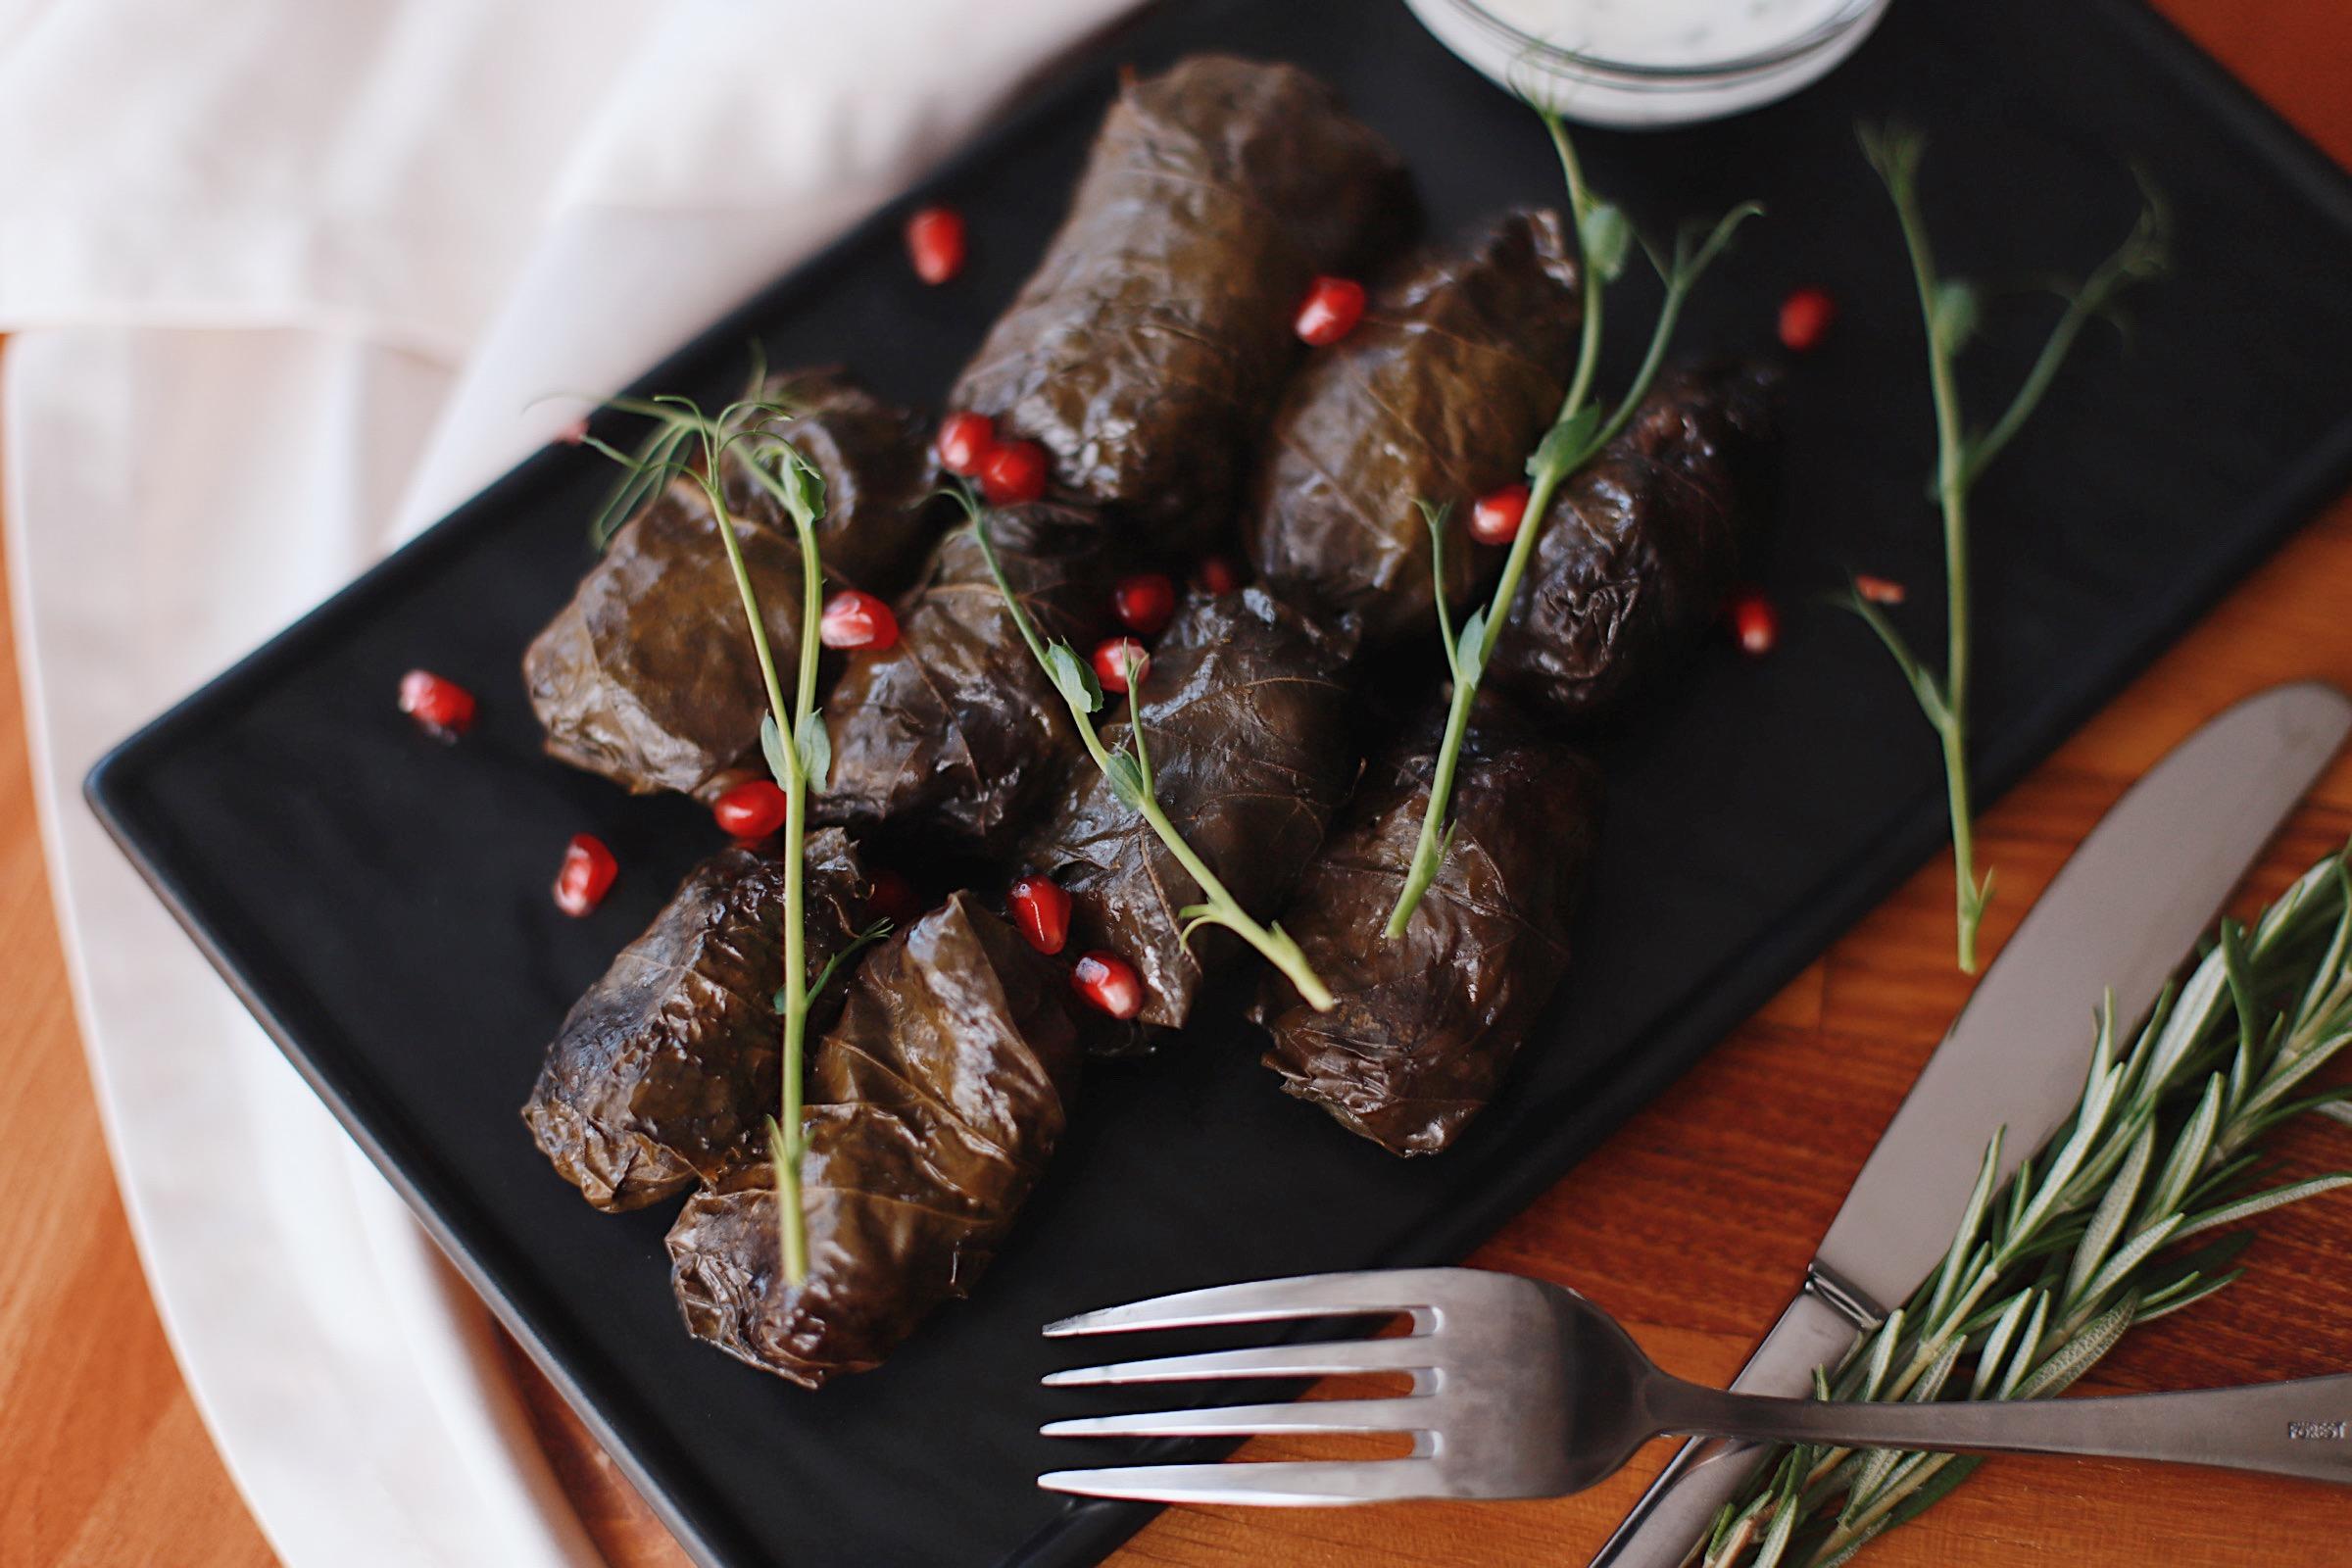 Полуфабрикаты ресторана «Армения»